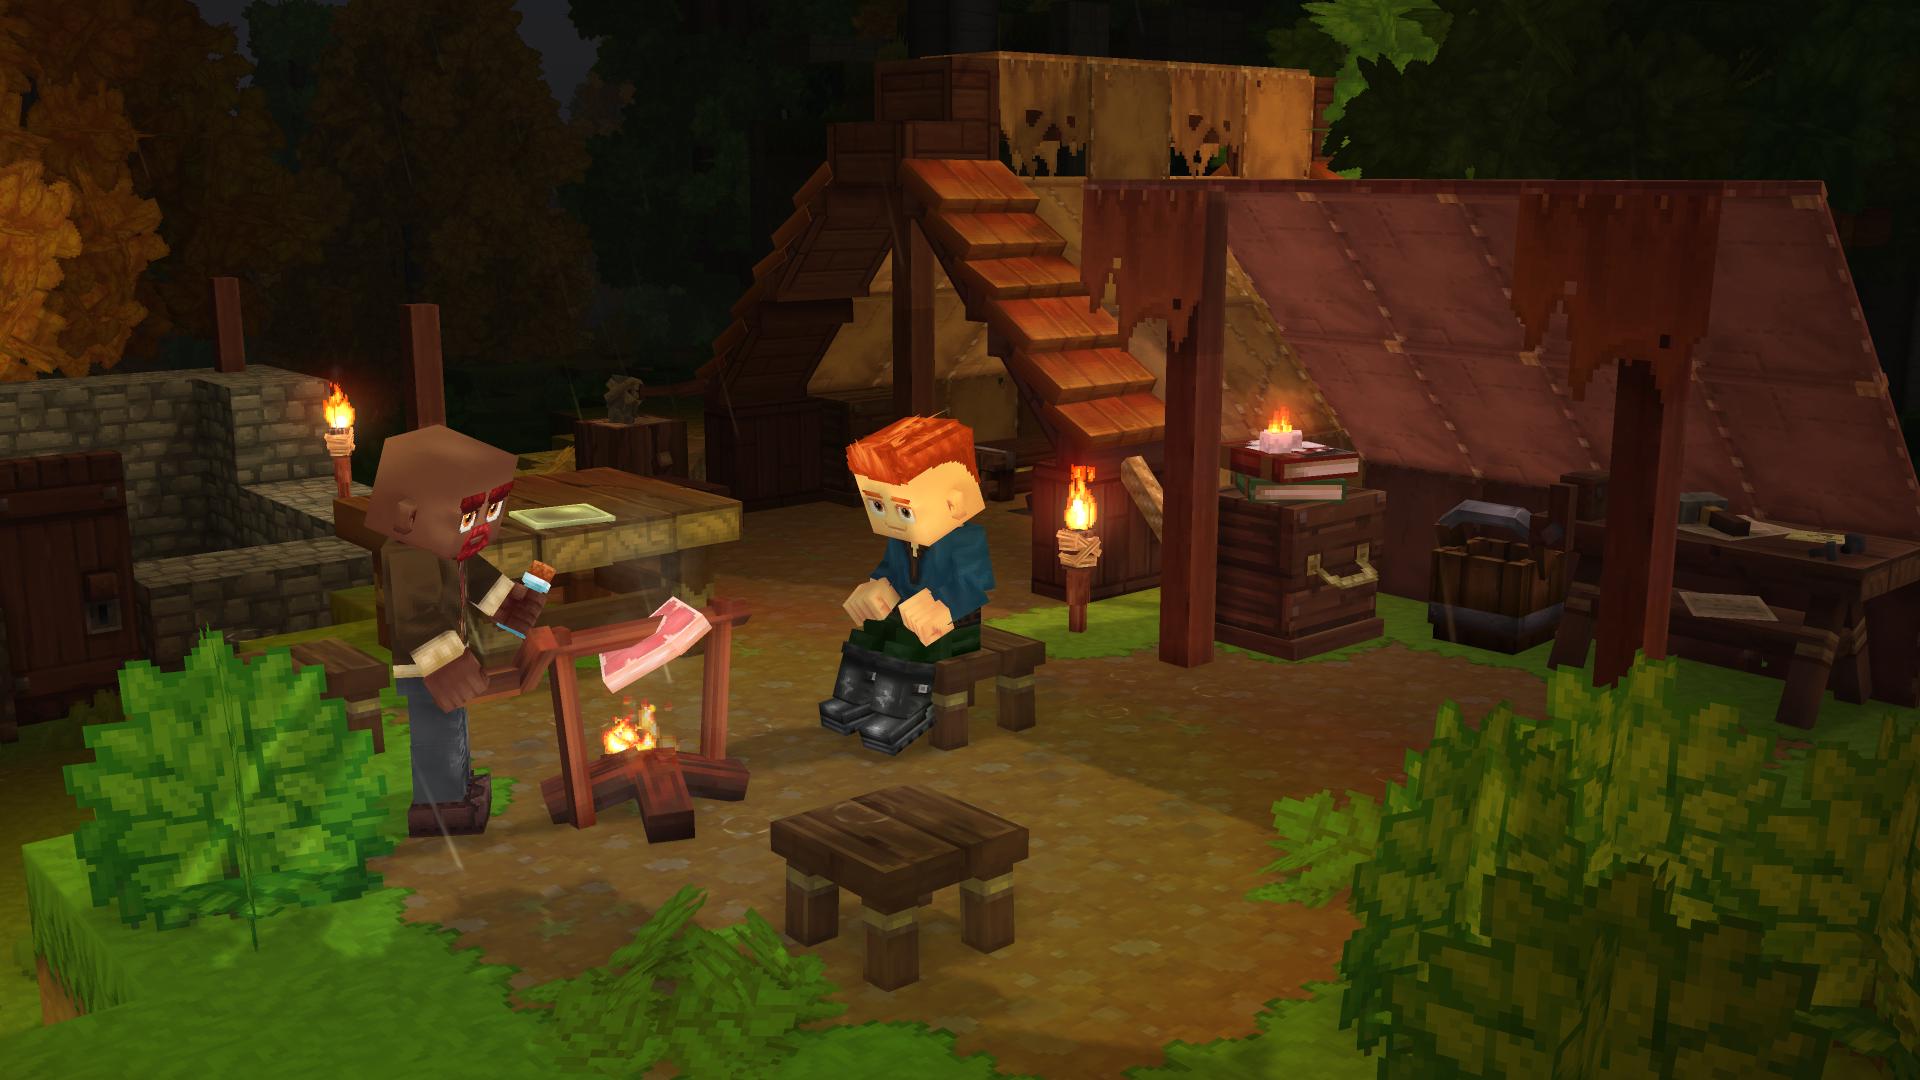 Rachat d'Hytale par Riot Games: une Nouvelle Ère